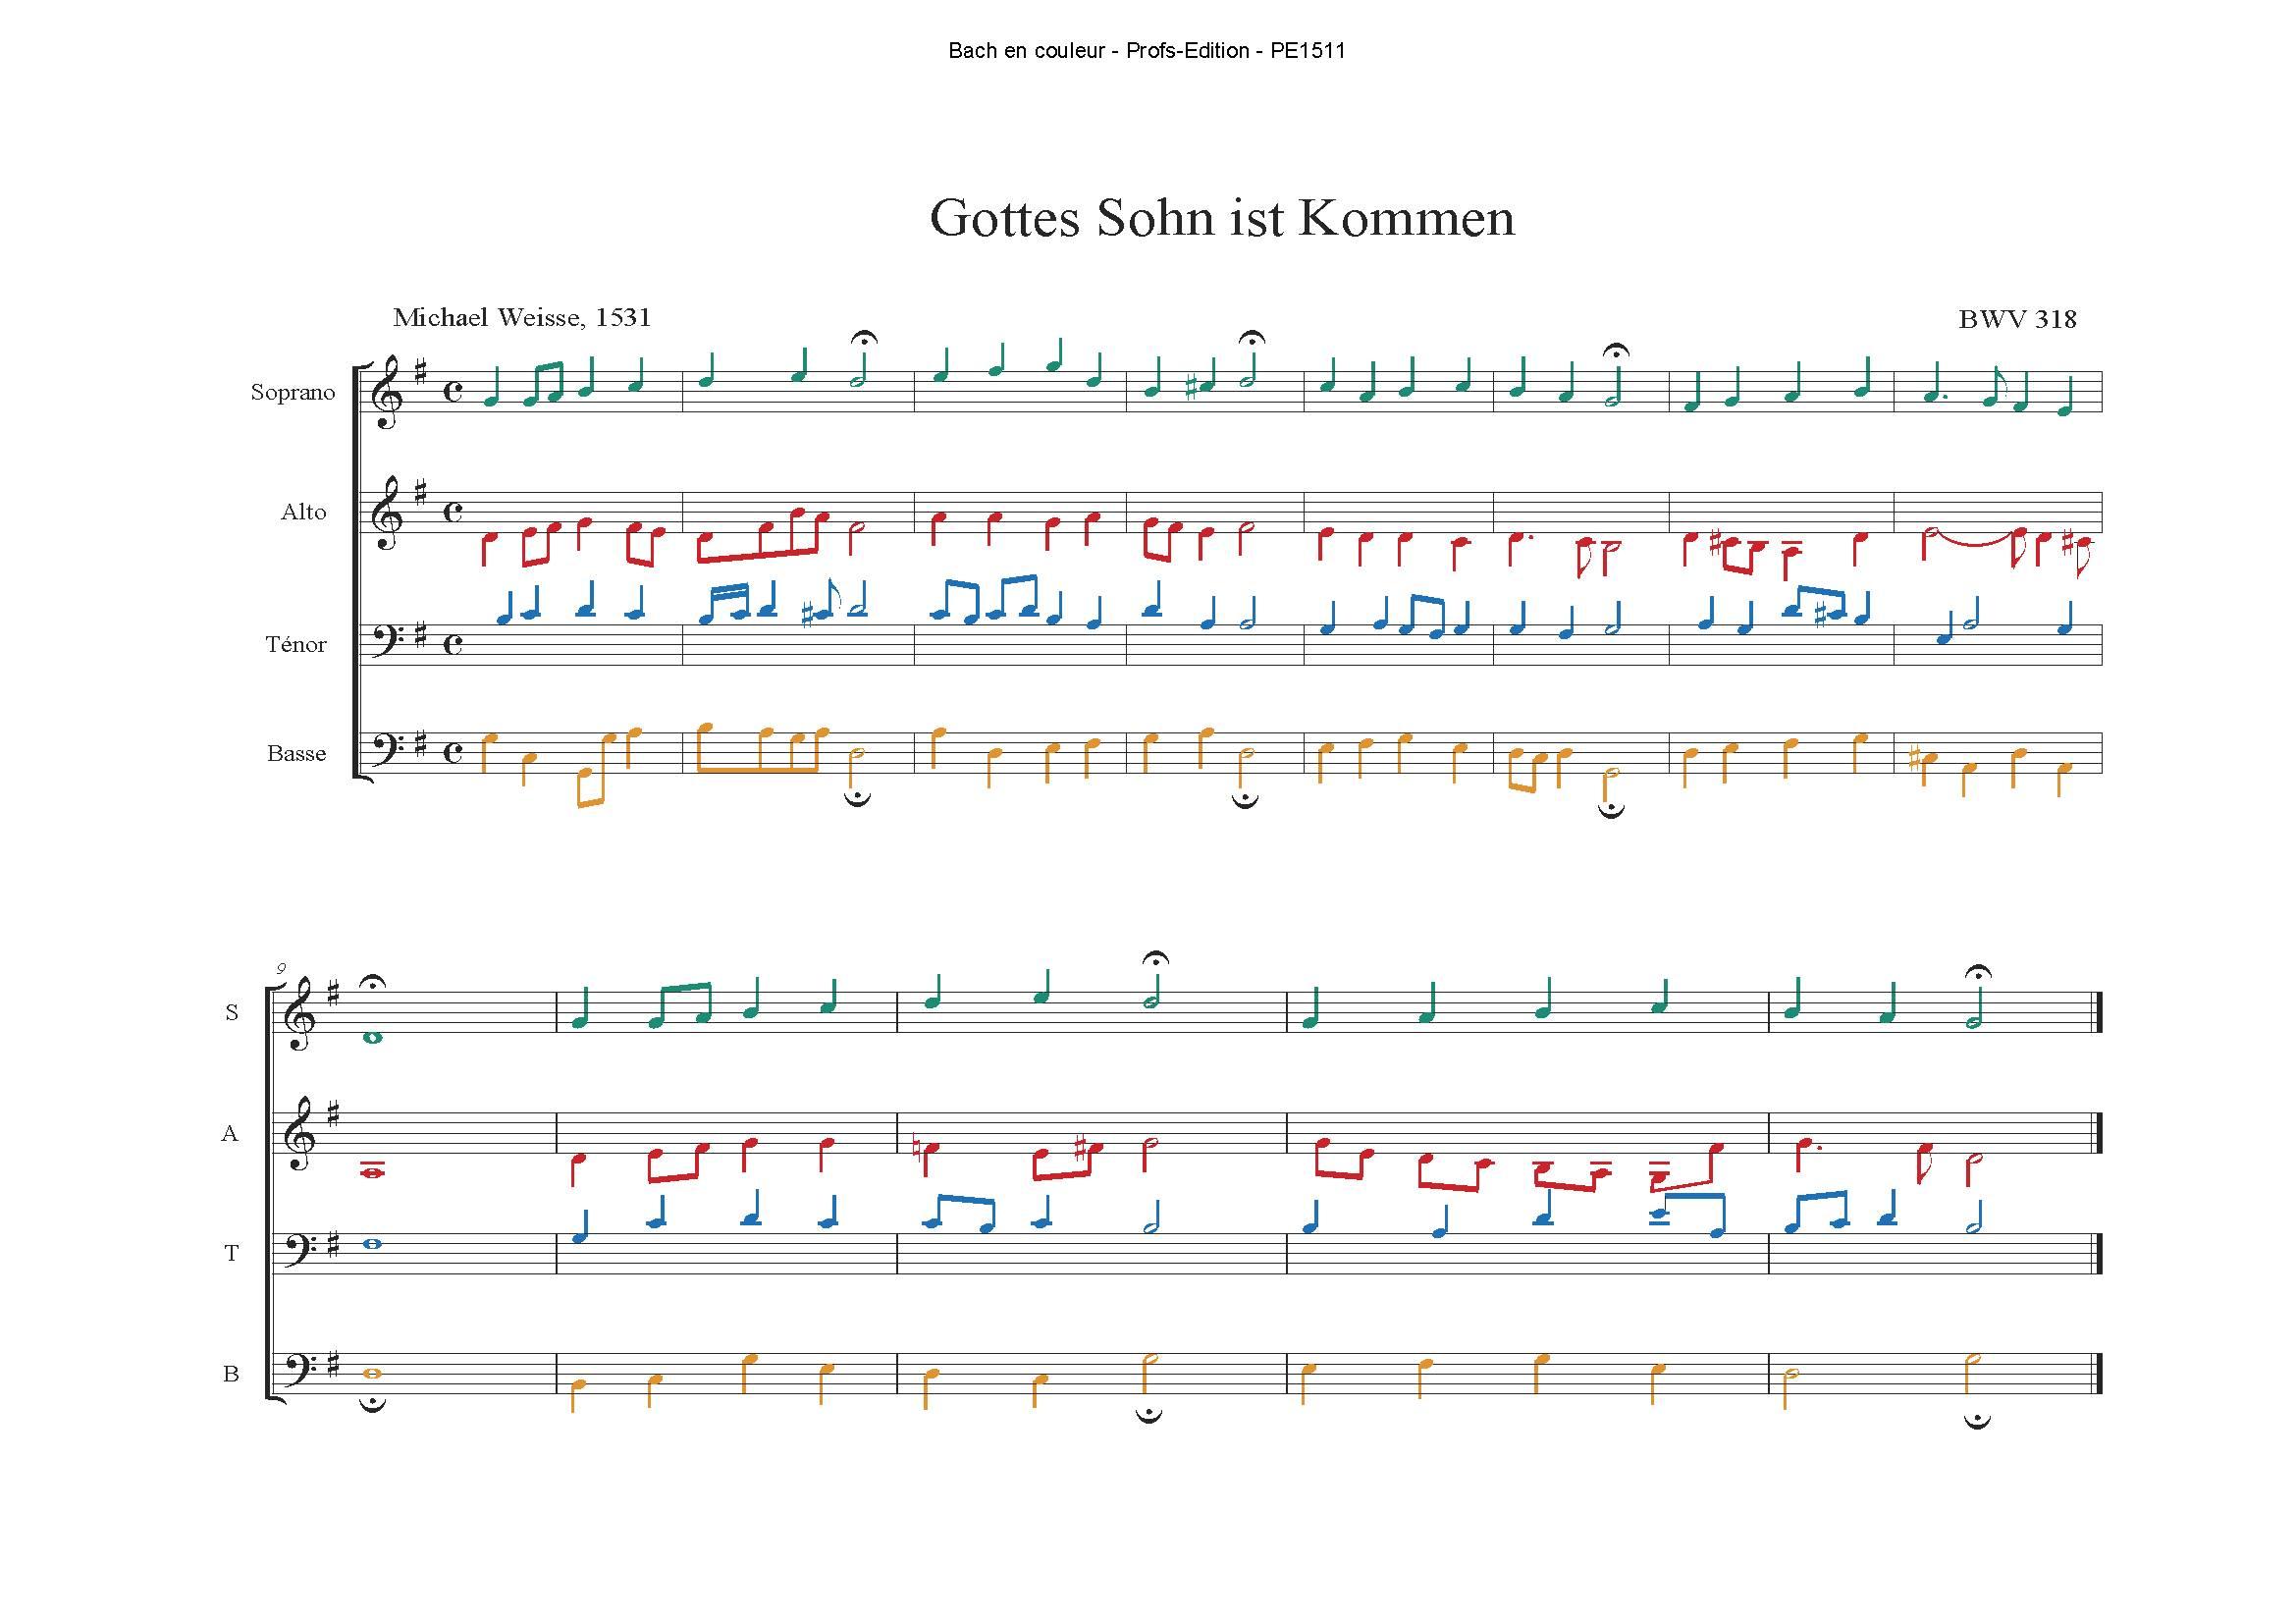 Orgelbüchlein - Analyse Musicale - CHARLIER C. - app.scorescoreTitle